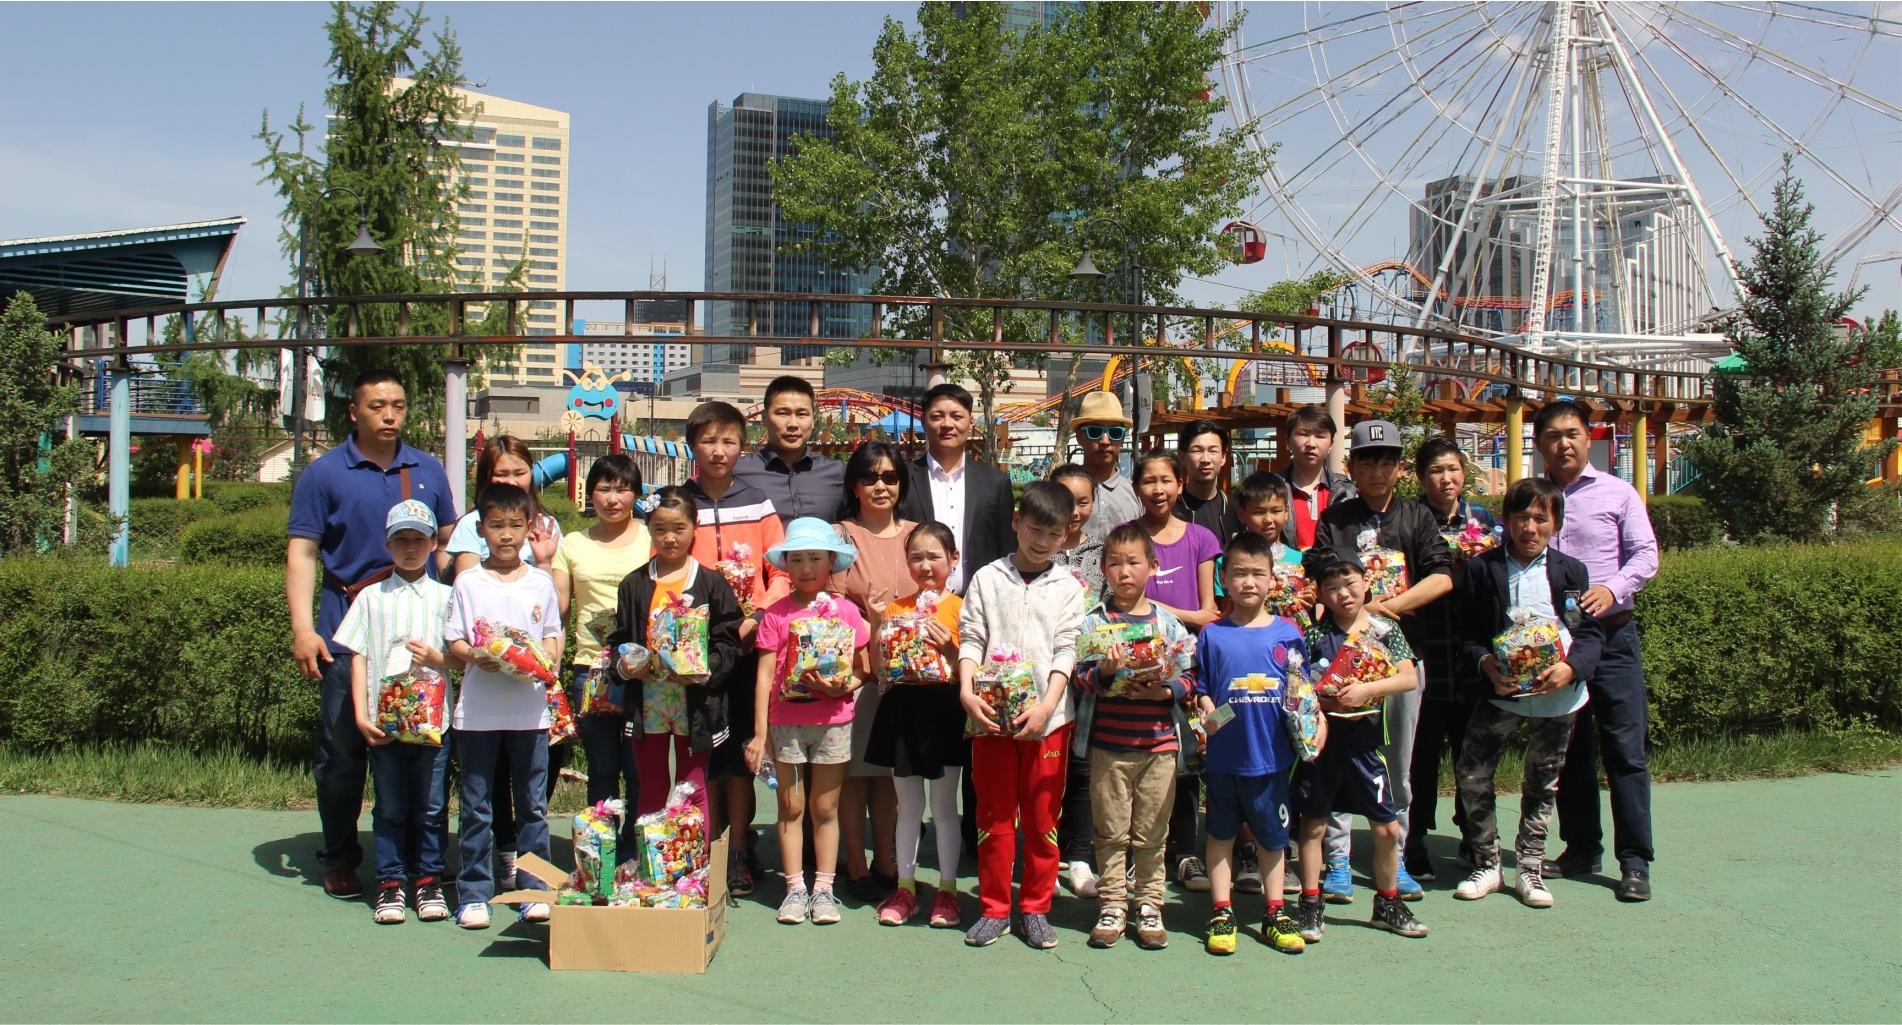 NCD Group хүүхдийн баярын өдөр БҮТЭН ӨНЧИН ХҮҮХДҮҮДИЙН ХӨГЖЛИЙН  САНгийн 100 хүүхдийг баярлуулав